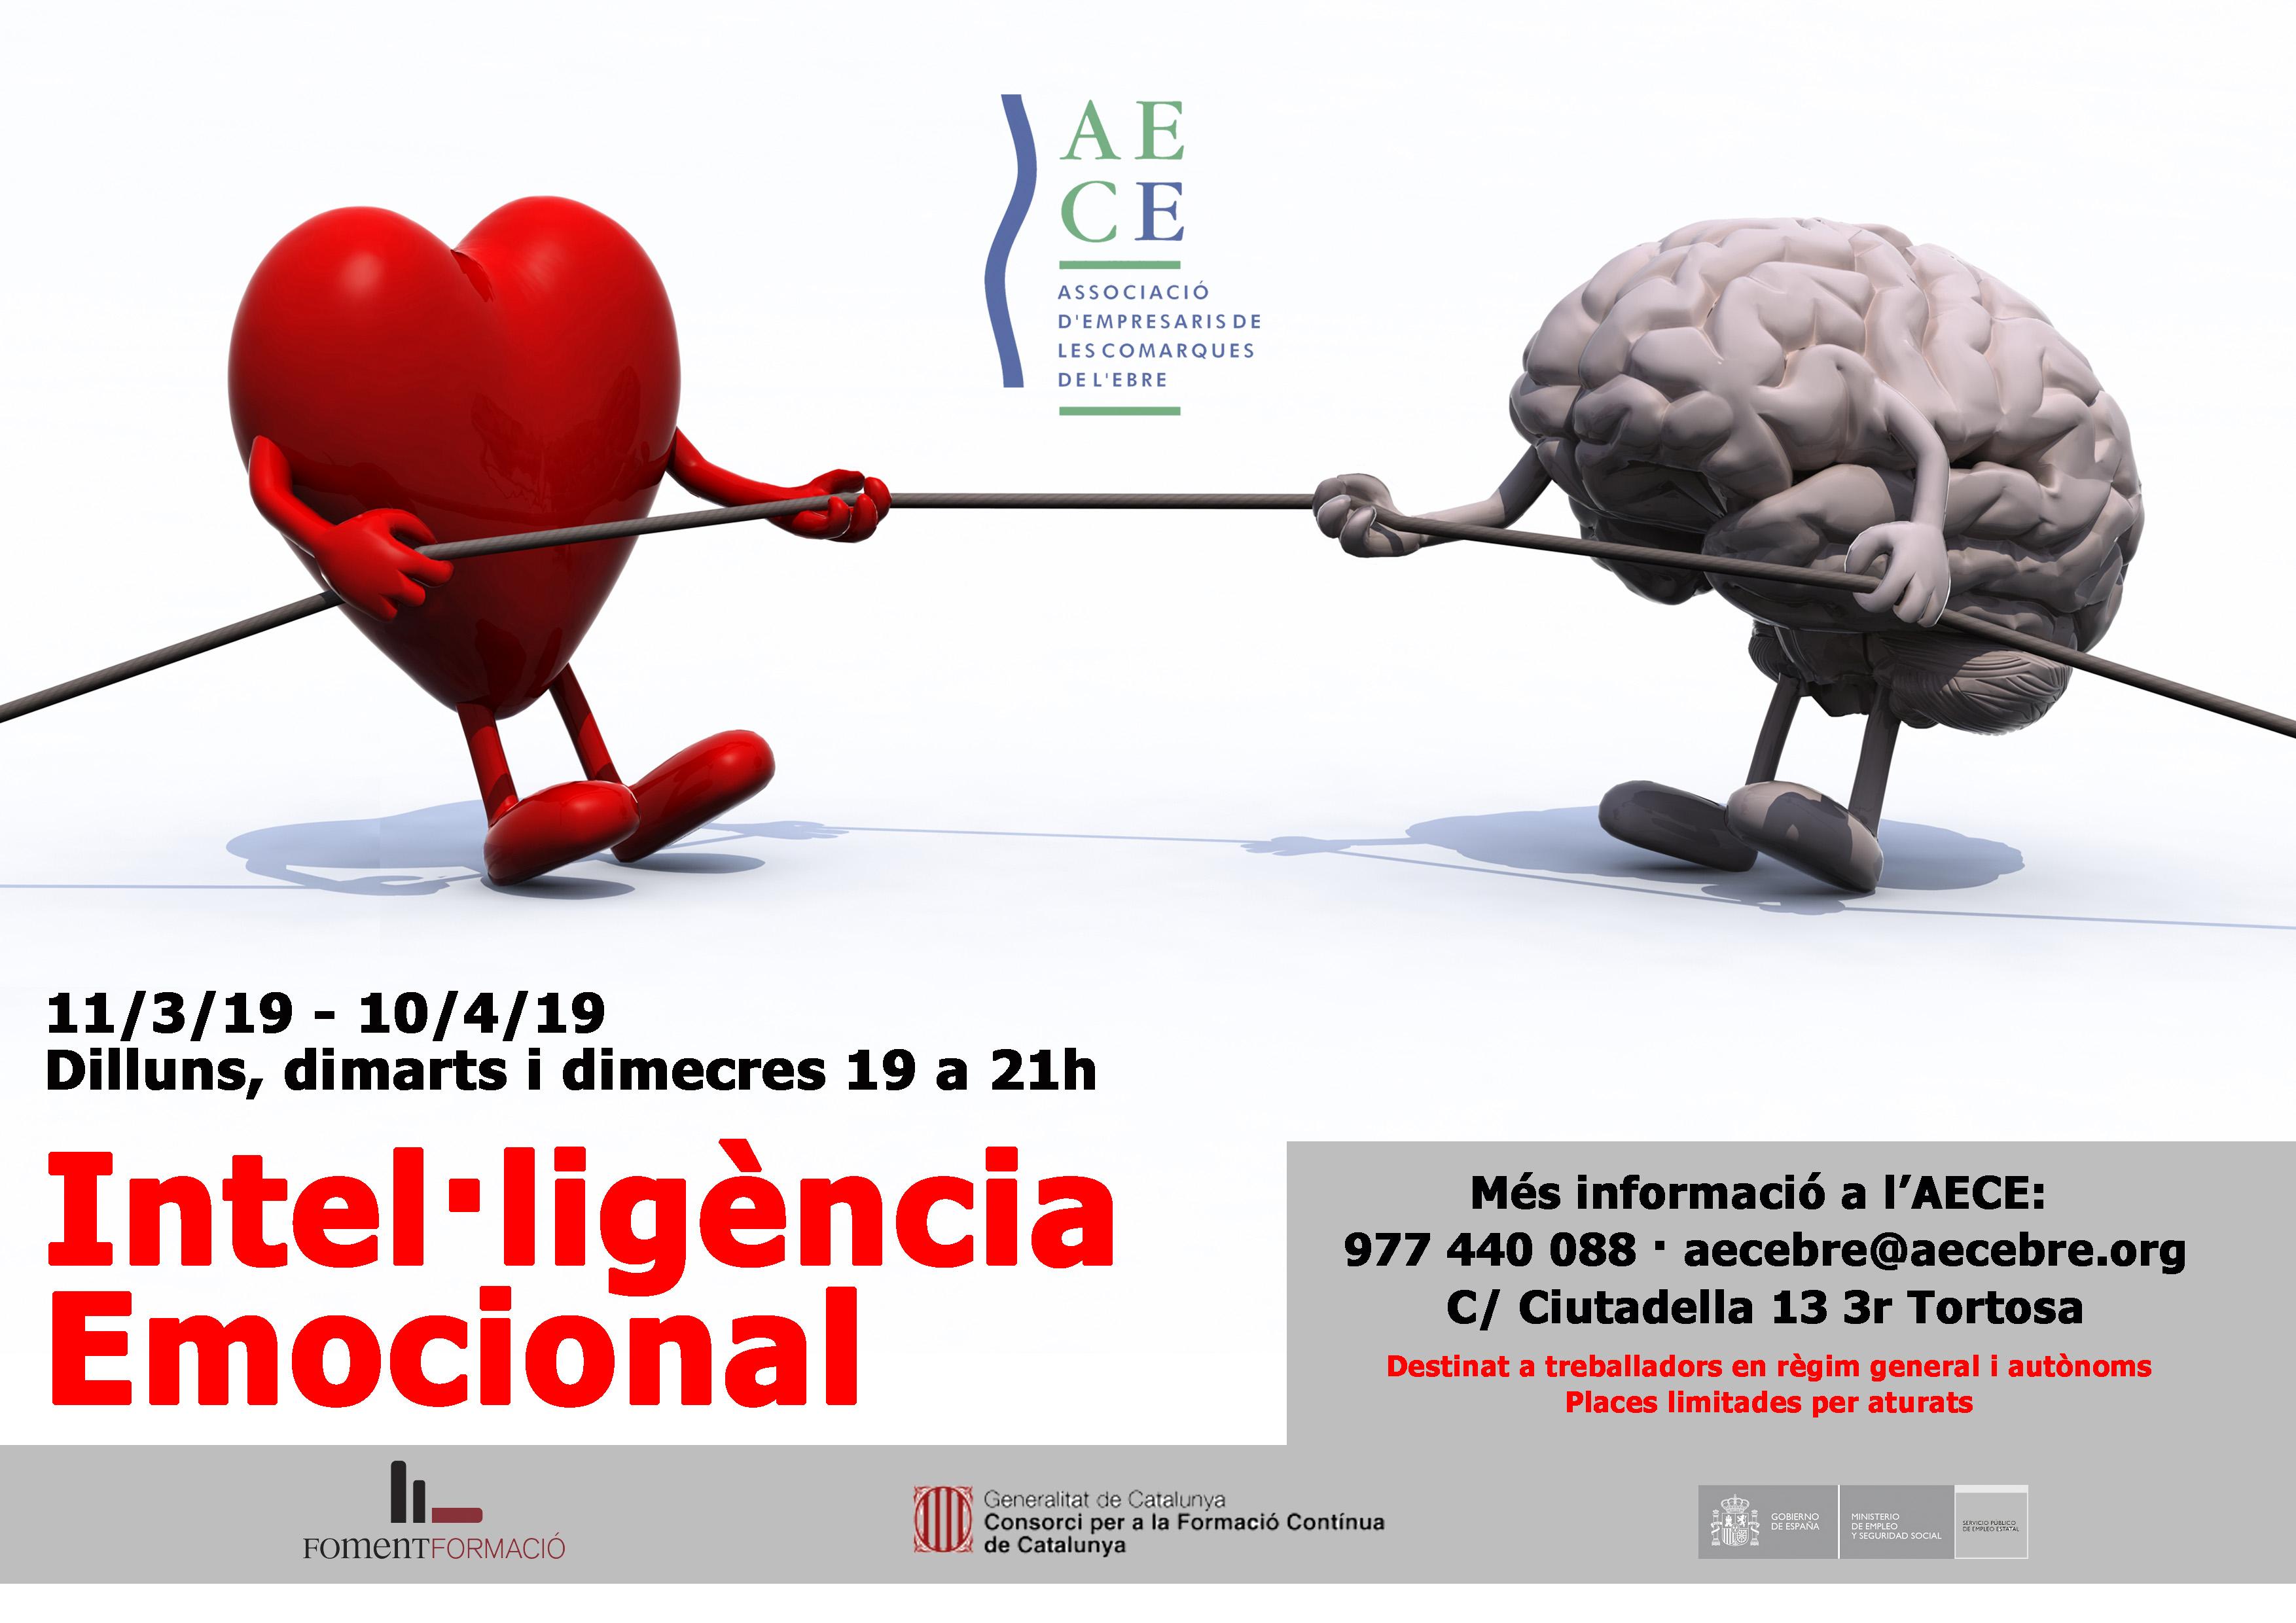 Inteligencia emocional 2019